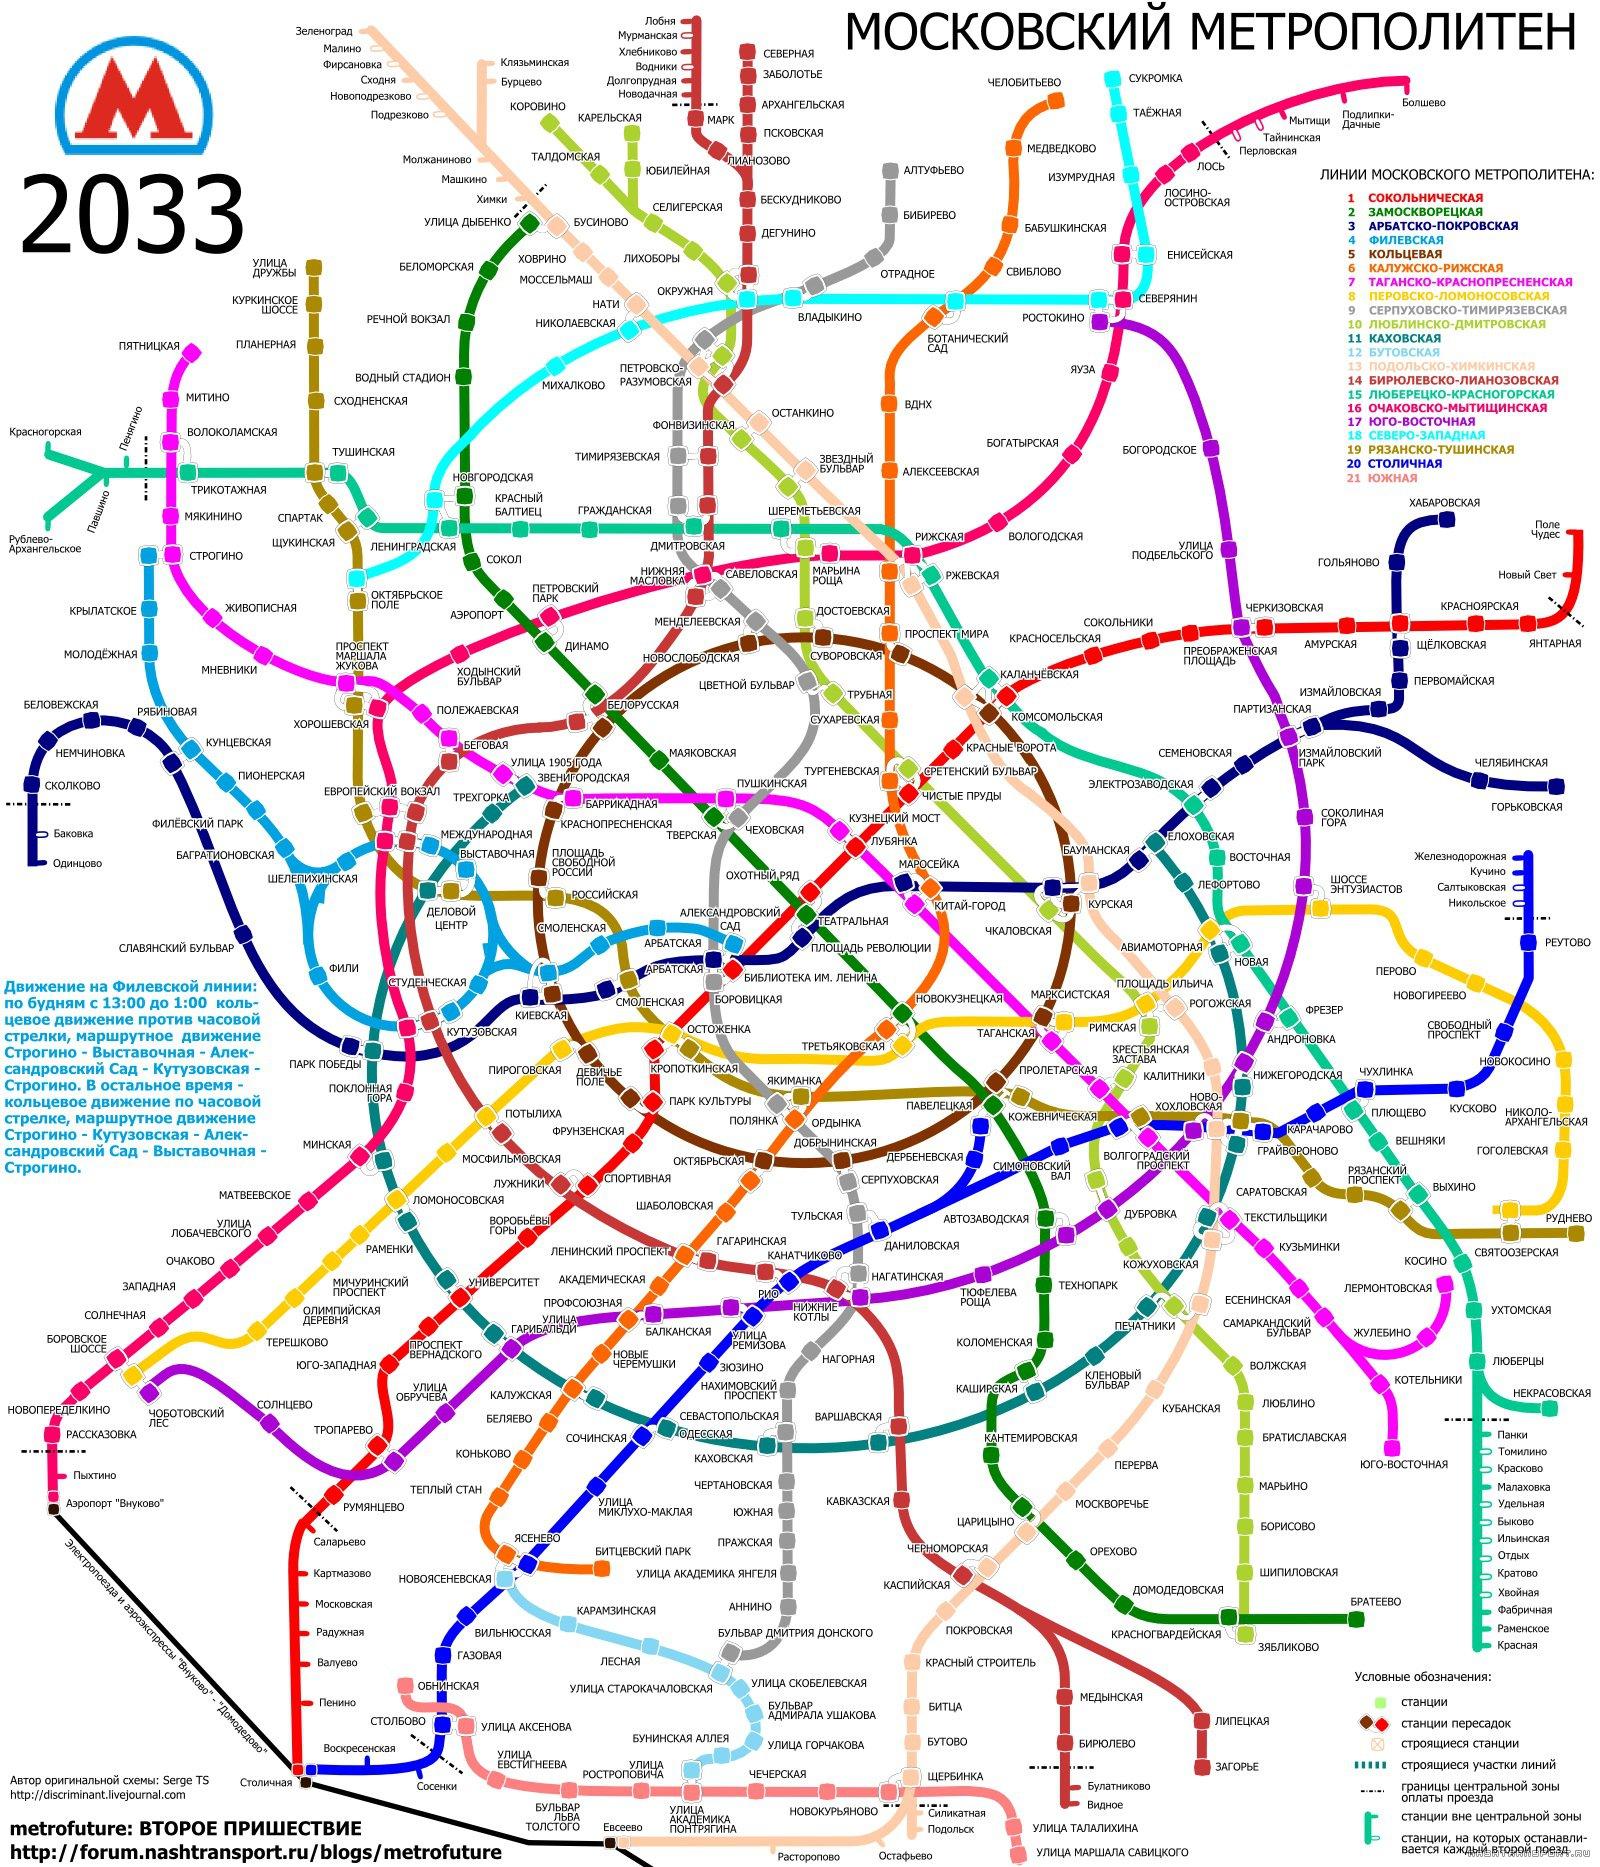 Наш транспорт (Моё метро) - metrofuture